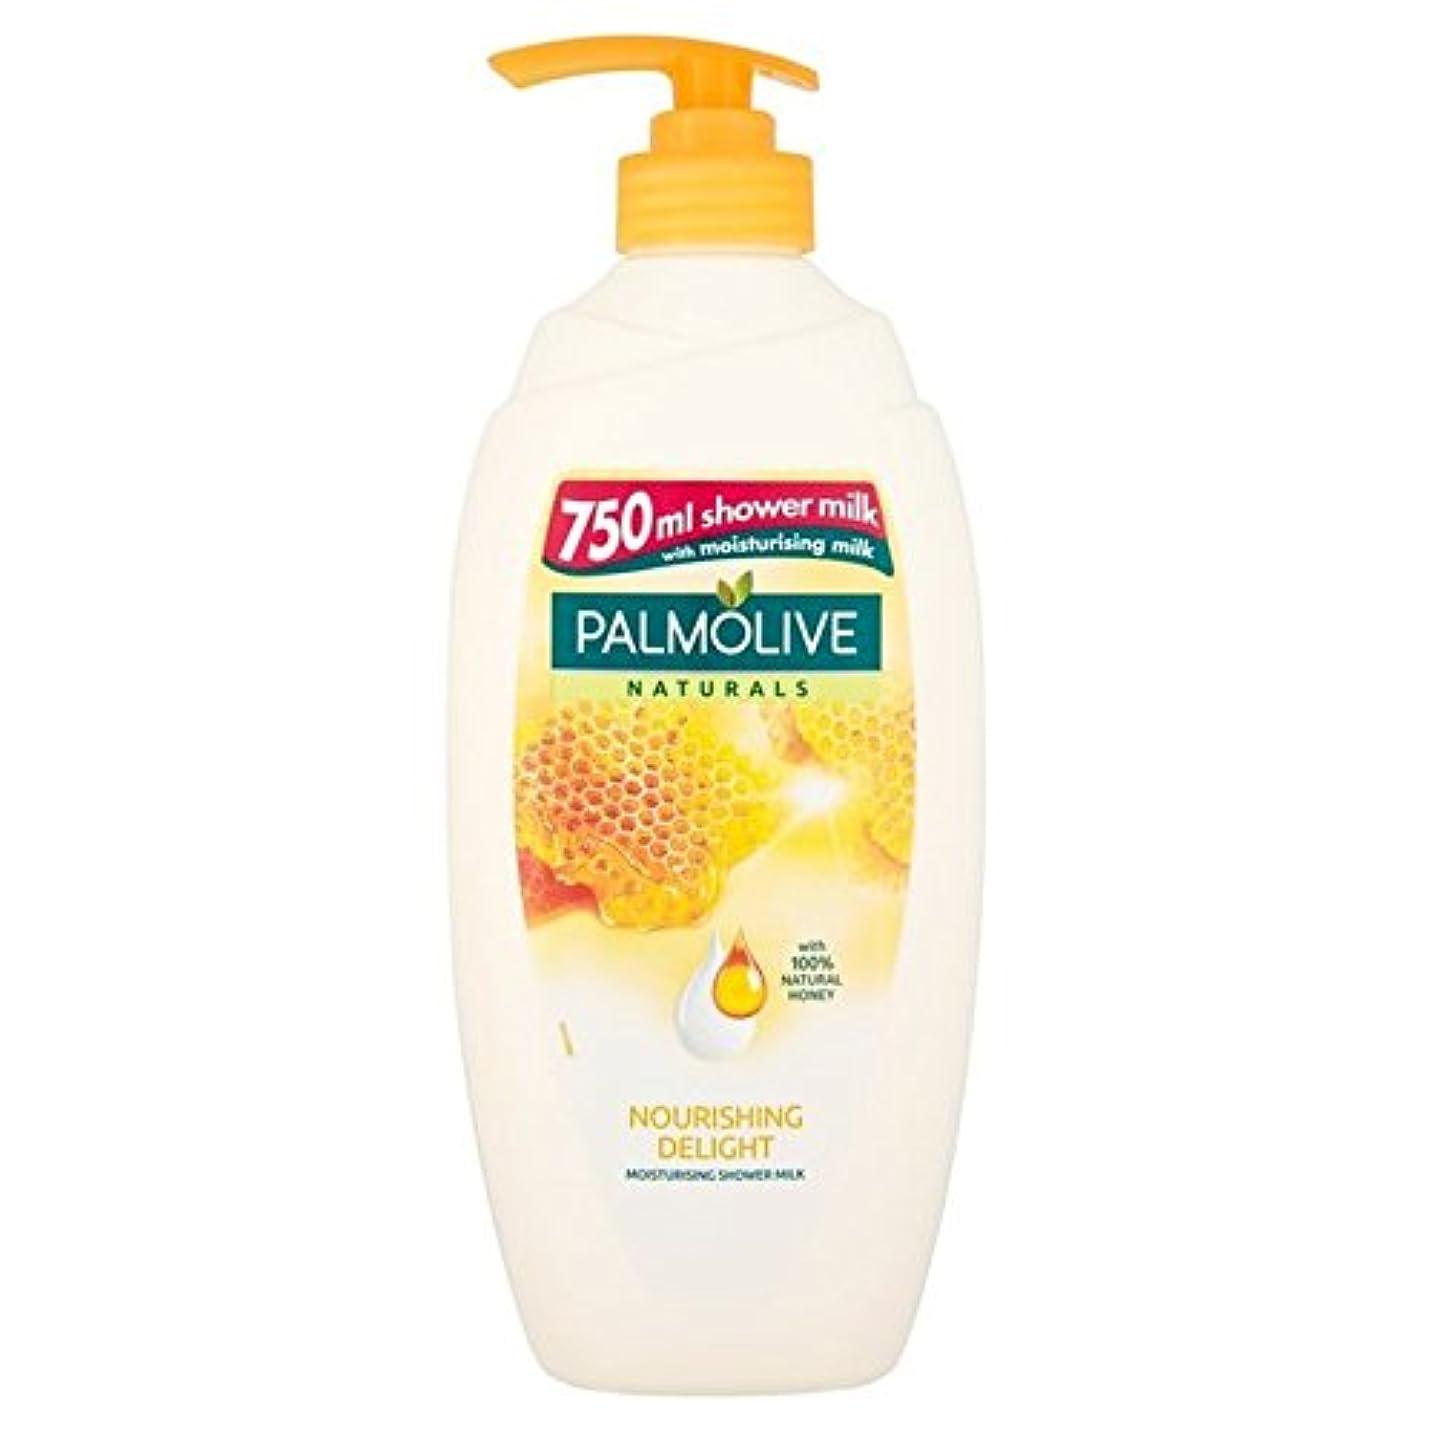 単に主張する通知するPalmolive Naturals Nourishing Shower Naturals Milk with Honey 750ml - 蜂蜜の750ミリリットルとシャワーナチュラルミルク栄養パルモライブナチュラル [...